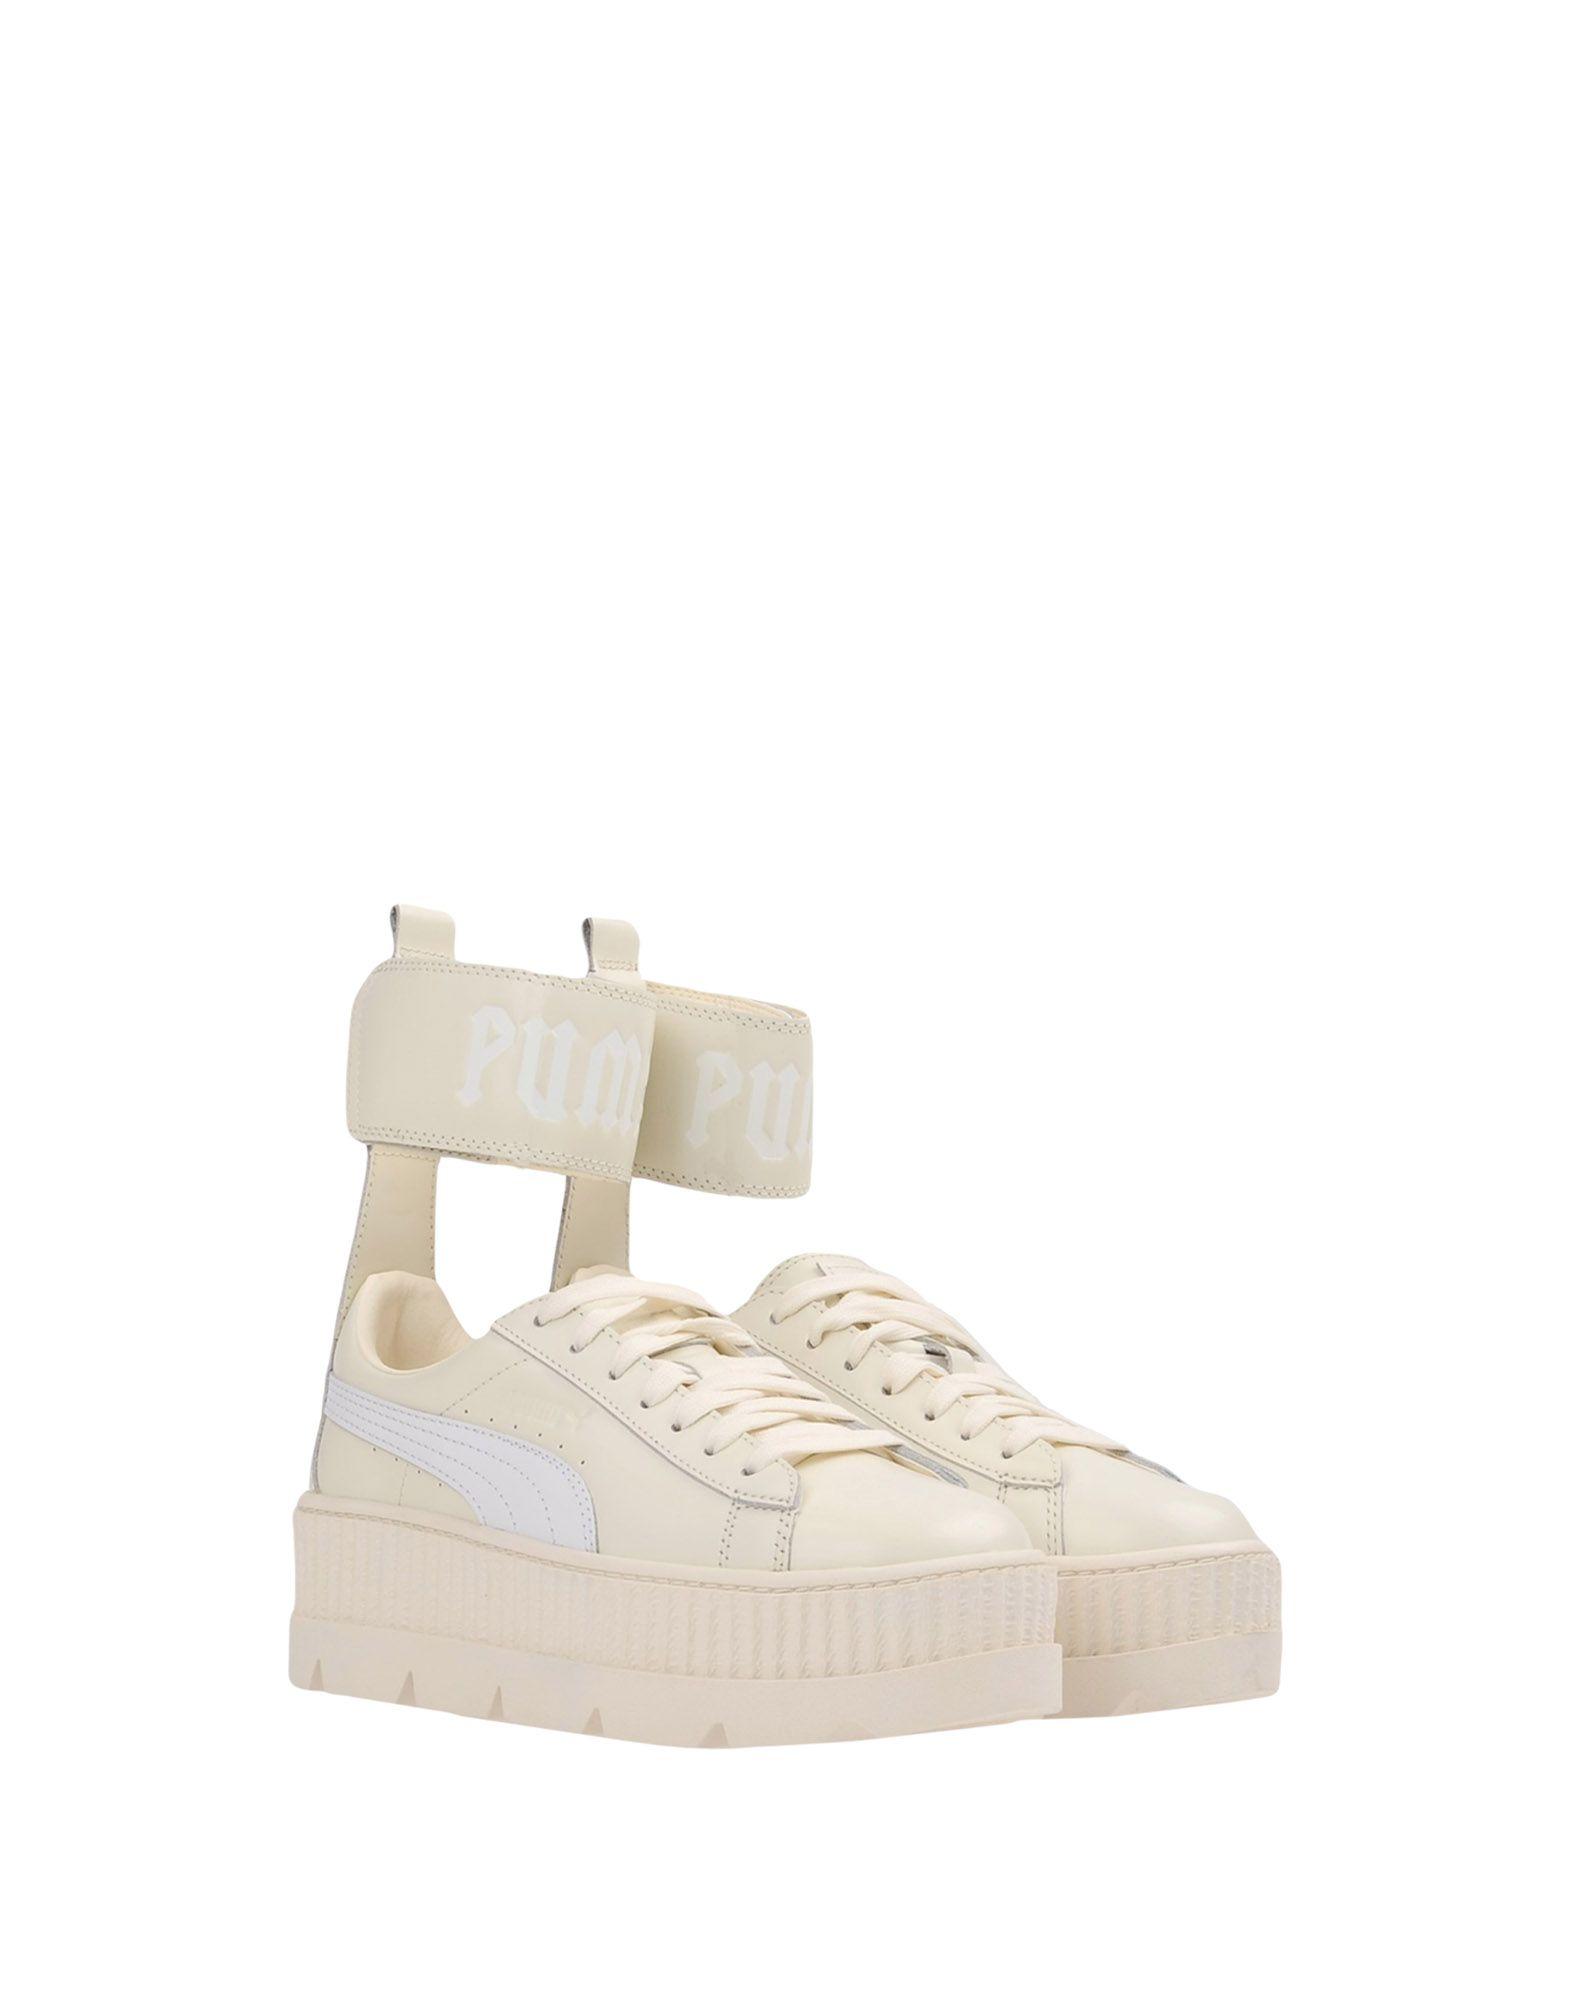 Stilvolle billige Schuhe Ankle Fenty Puma By Rihanna Ankle Schuhe Strap Sneaker  11369605KE ca8174